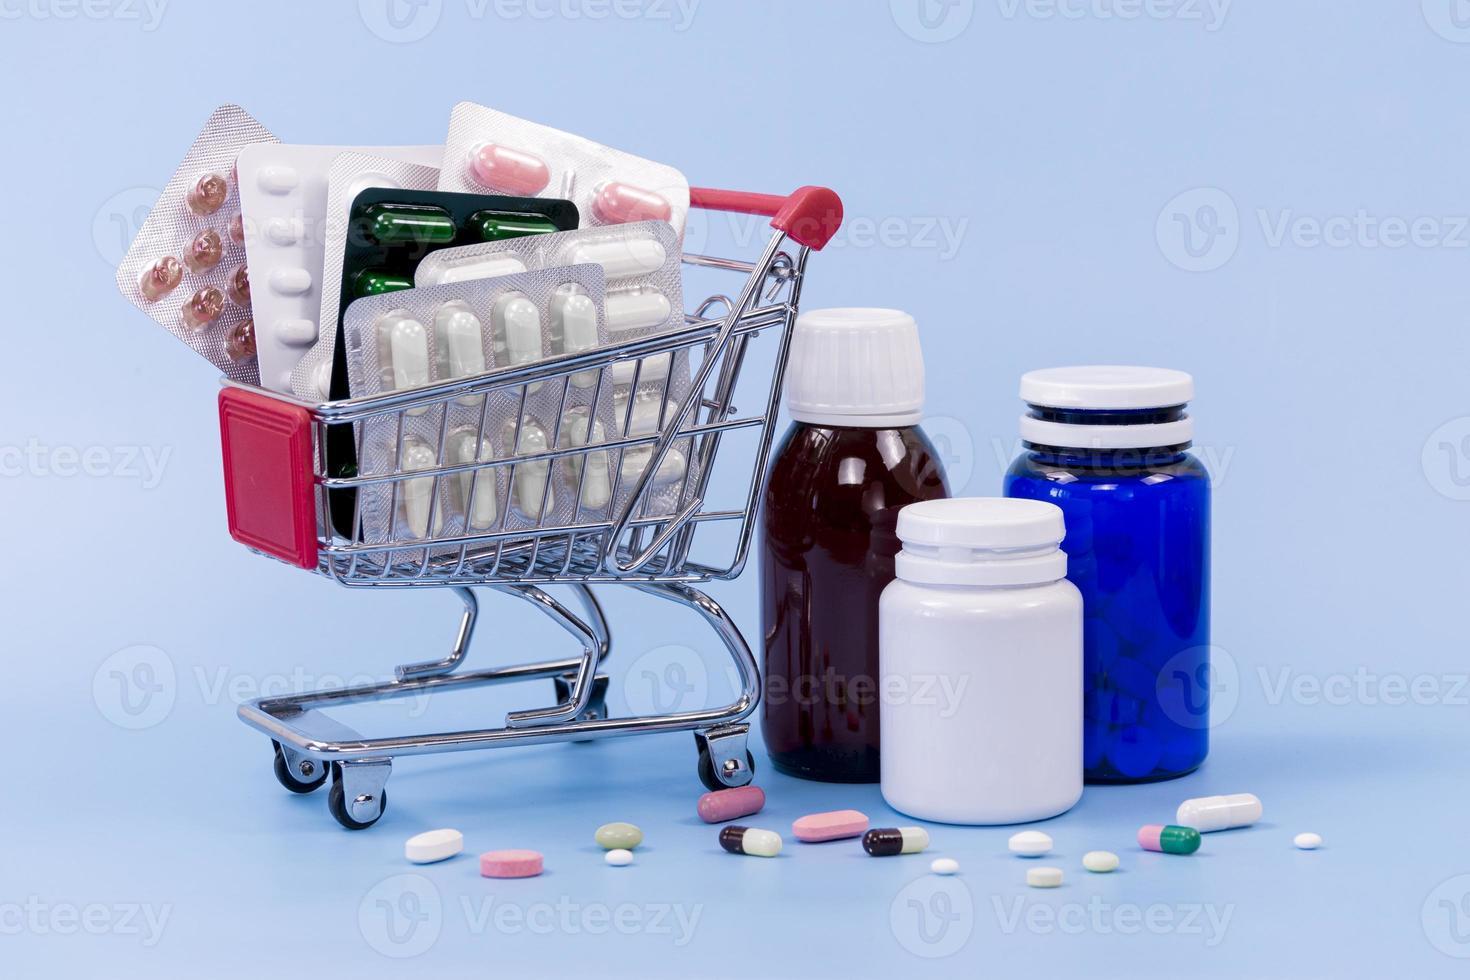 Hochwinkel-Pillenflossenöle und Plastikbehälter mit Miniatur-Einkaufswagen auf blauem Hintergrund foto